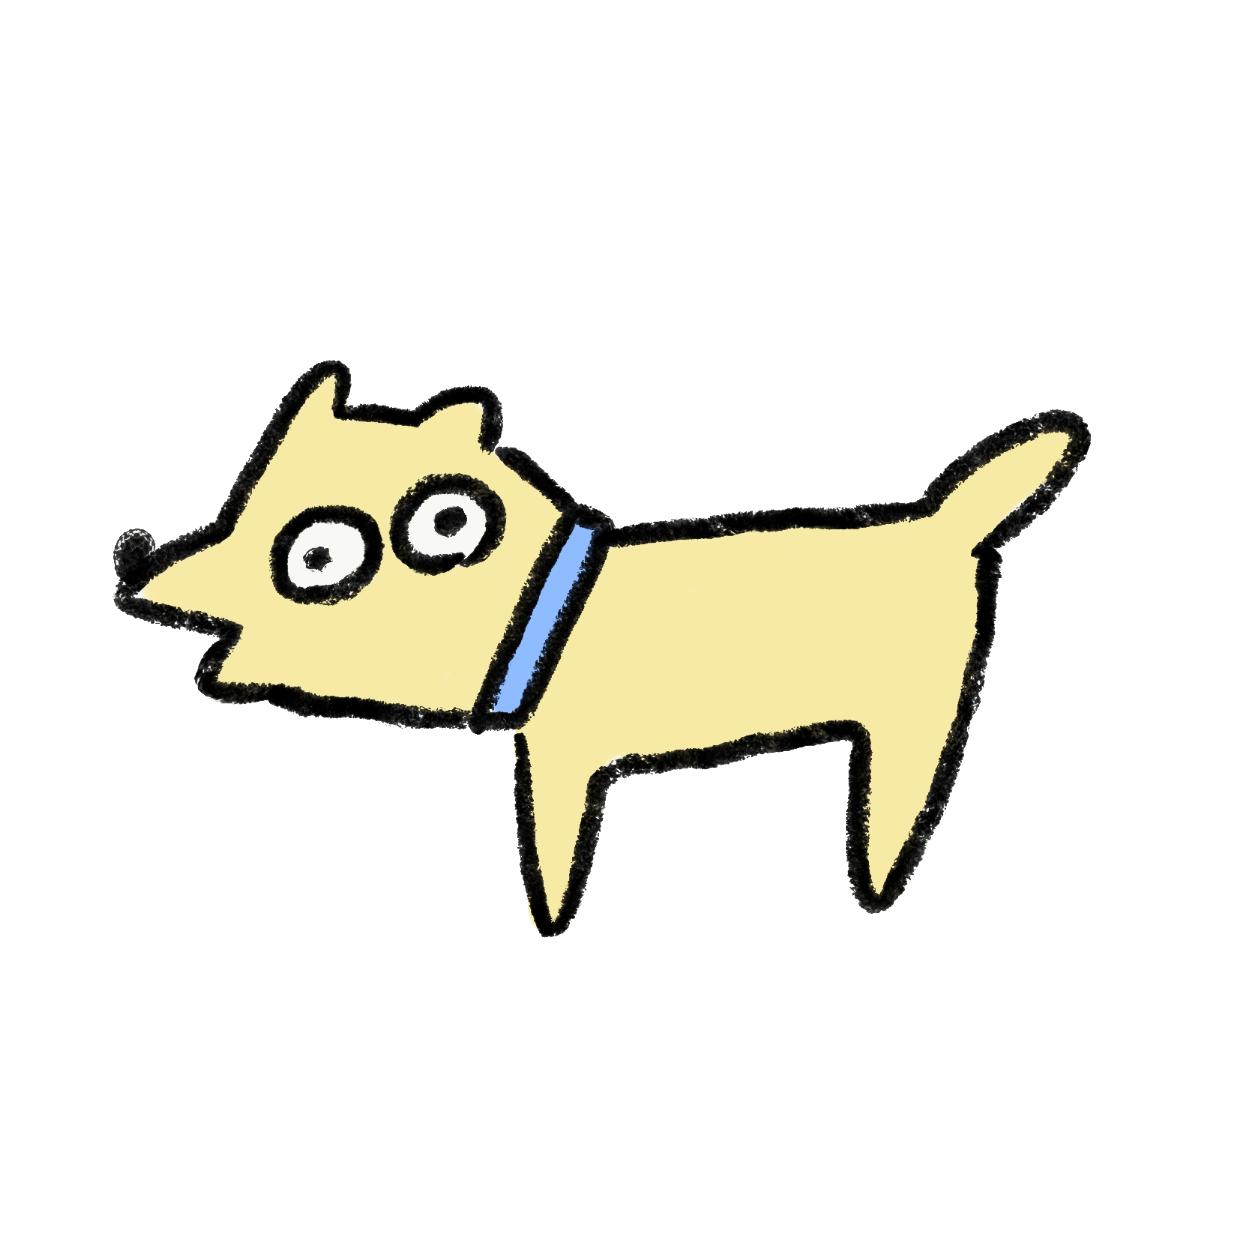 アホそうな犬